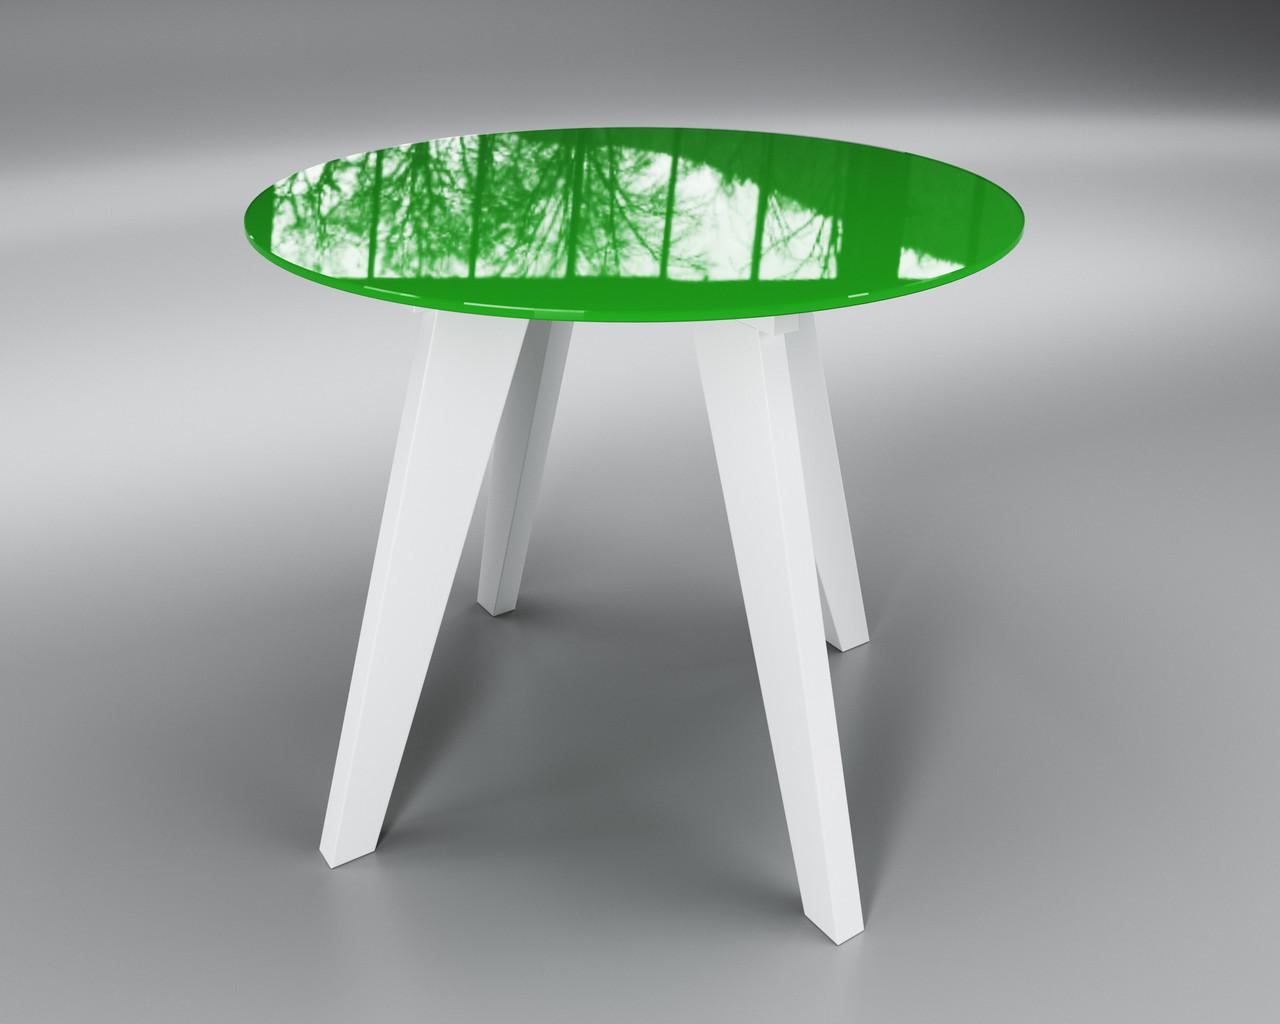 Стіл скляний Леонардо Коло зелено-білий (діаметр - 0,90 м.)